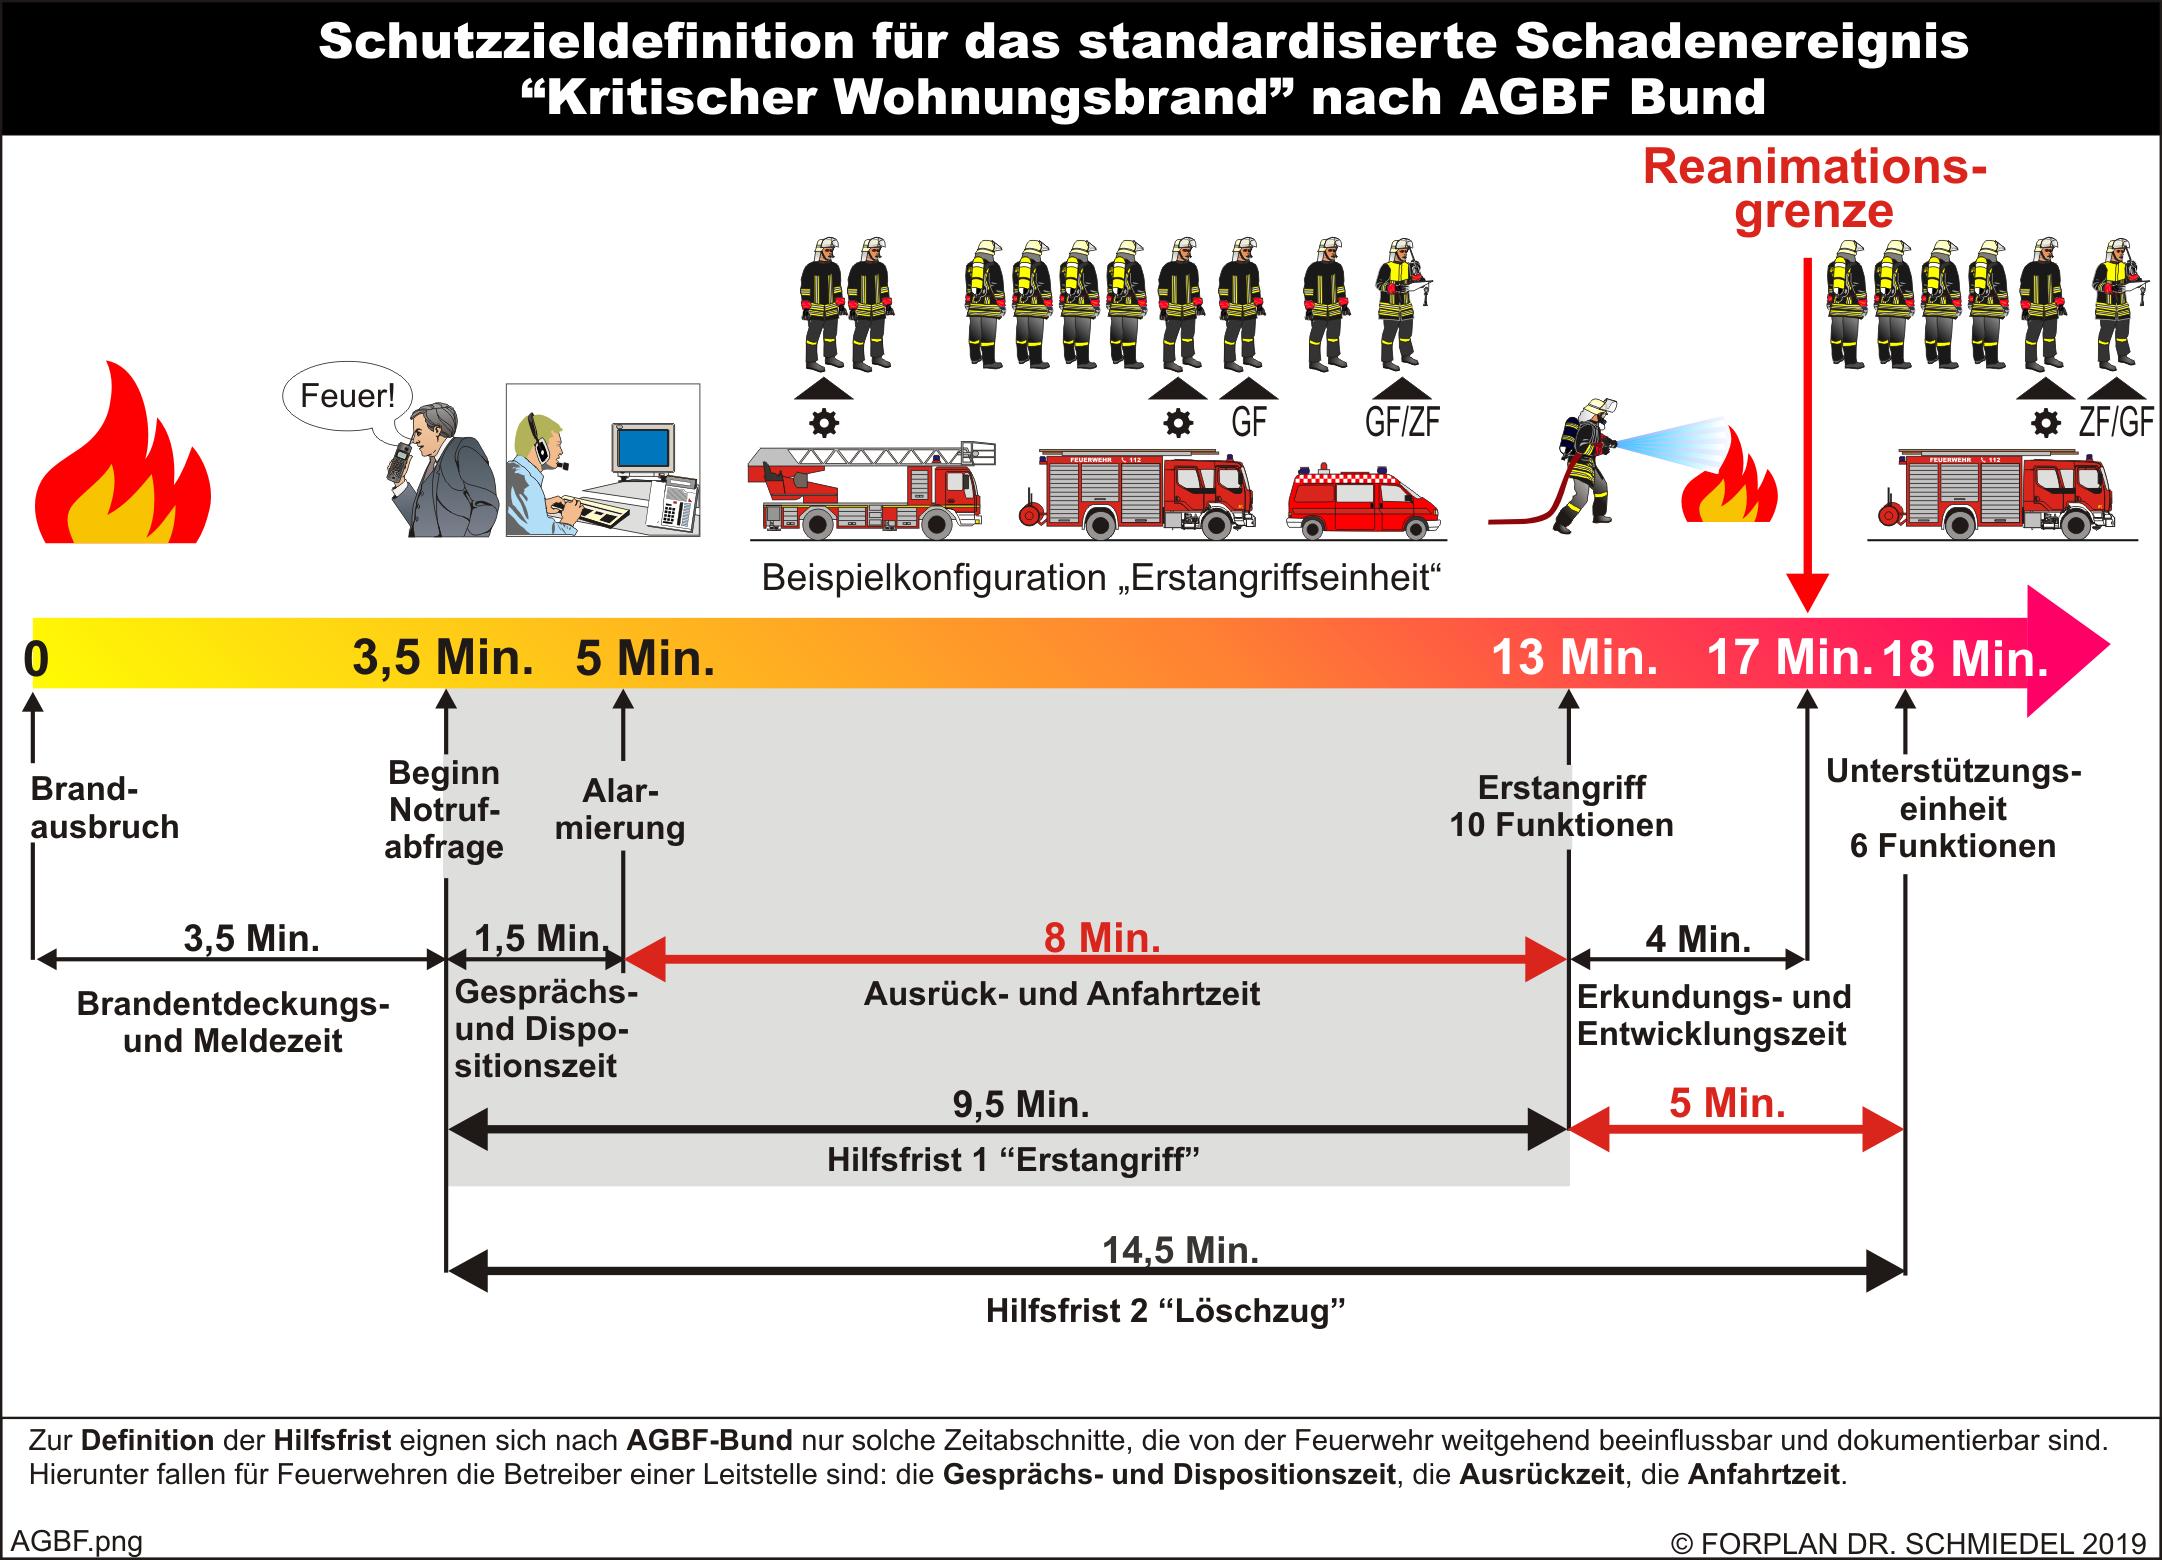 """Schutzzieldefinition für das standardisierte Schadenereignis """"Kritischer Wohnungsbrand"""" nach AGBF Bund"""